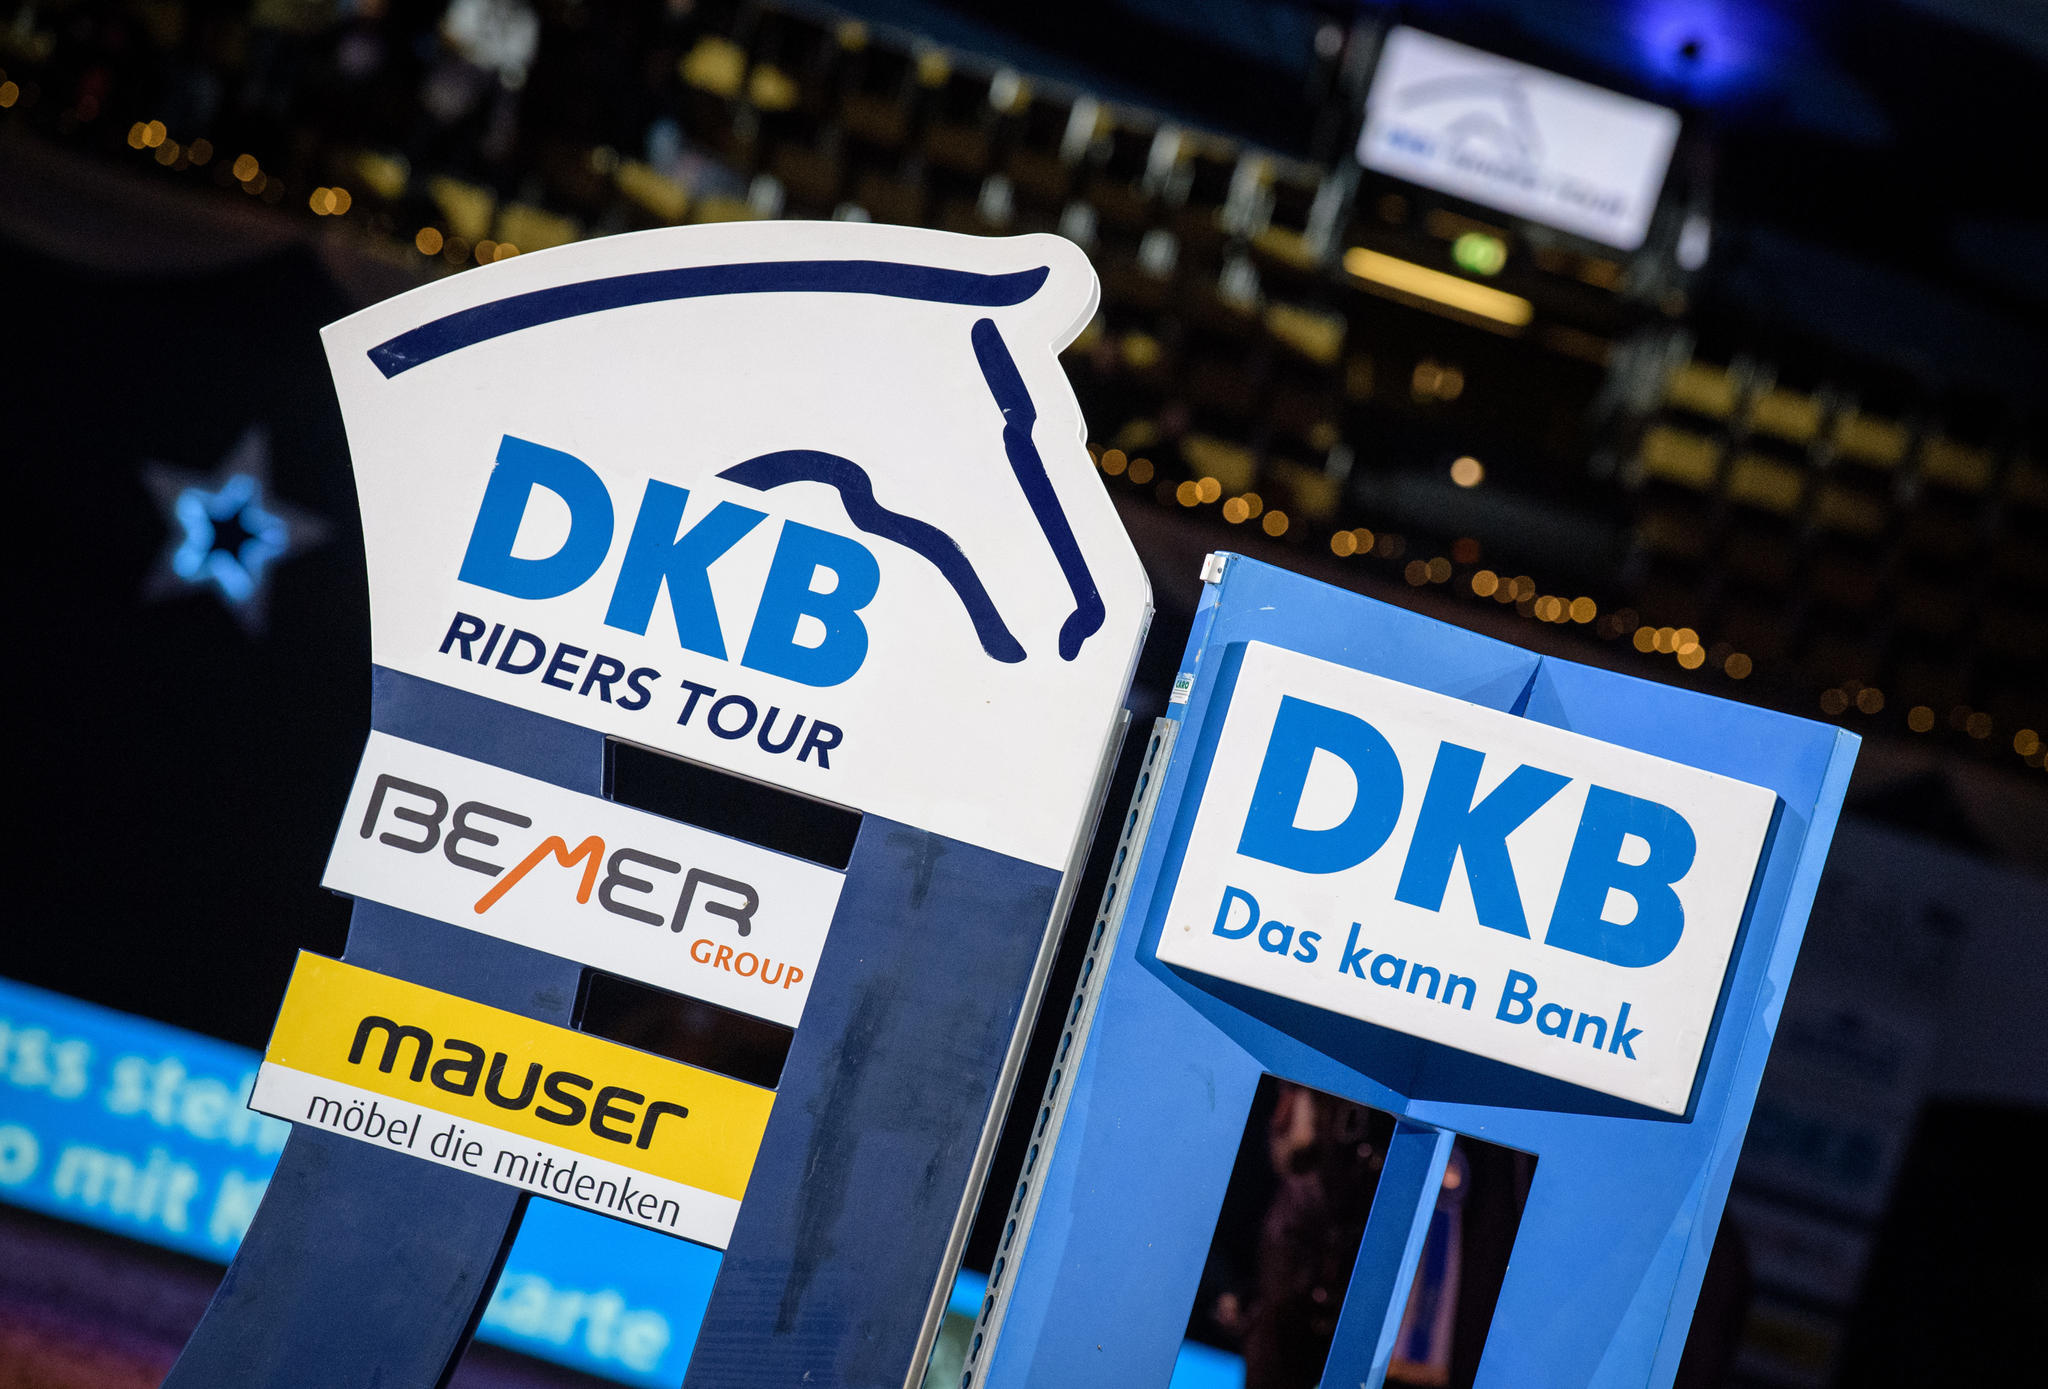 Dkb Hotline Nicht Erreichbar Konto Gesperrt Die Bank Hat